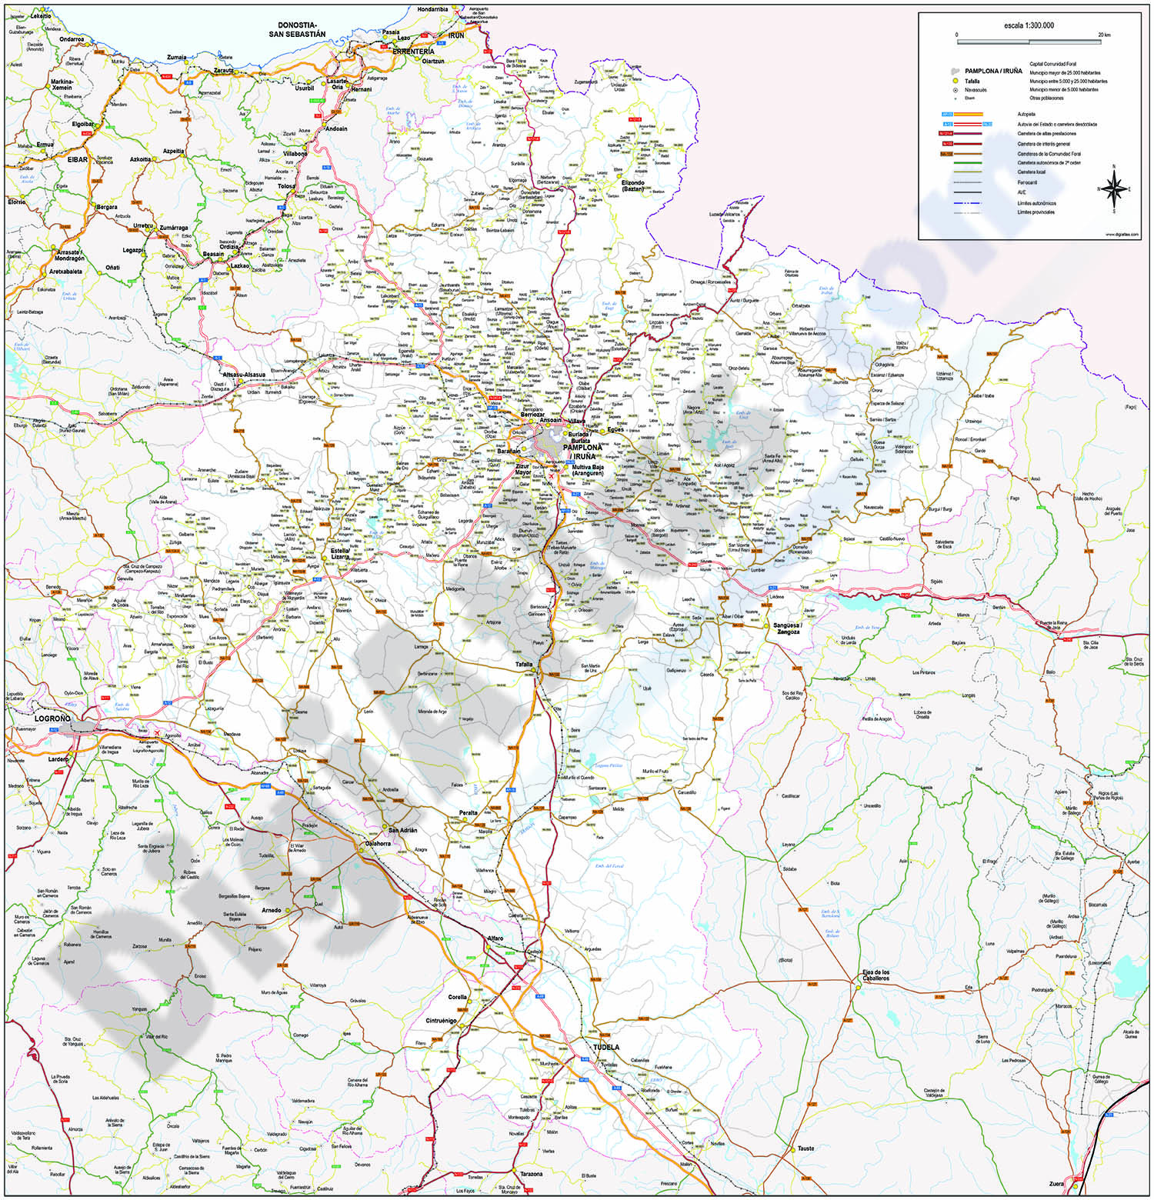 Navarra - Mapa de la Comunidad Foral